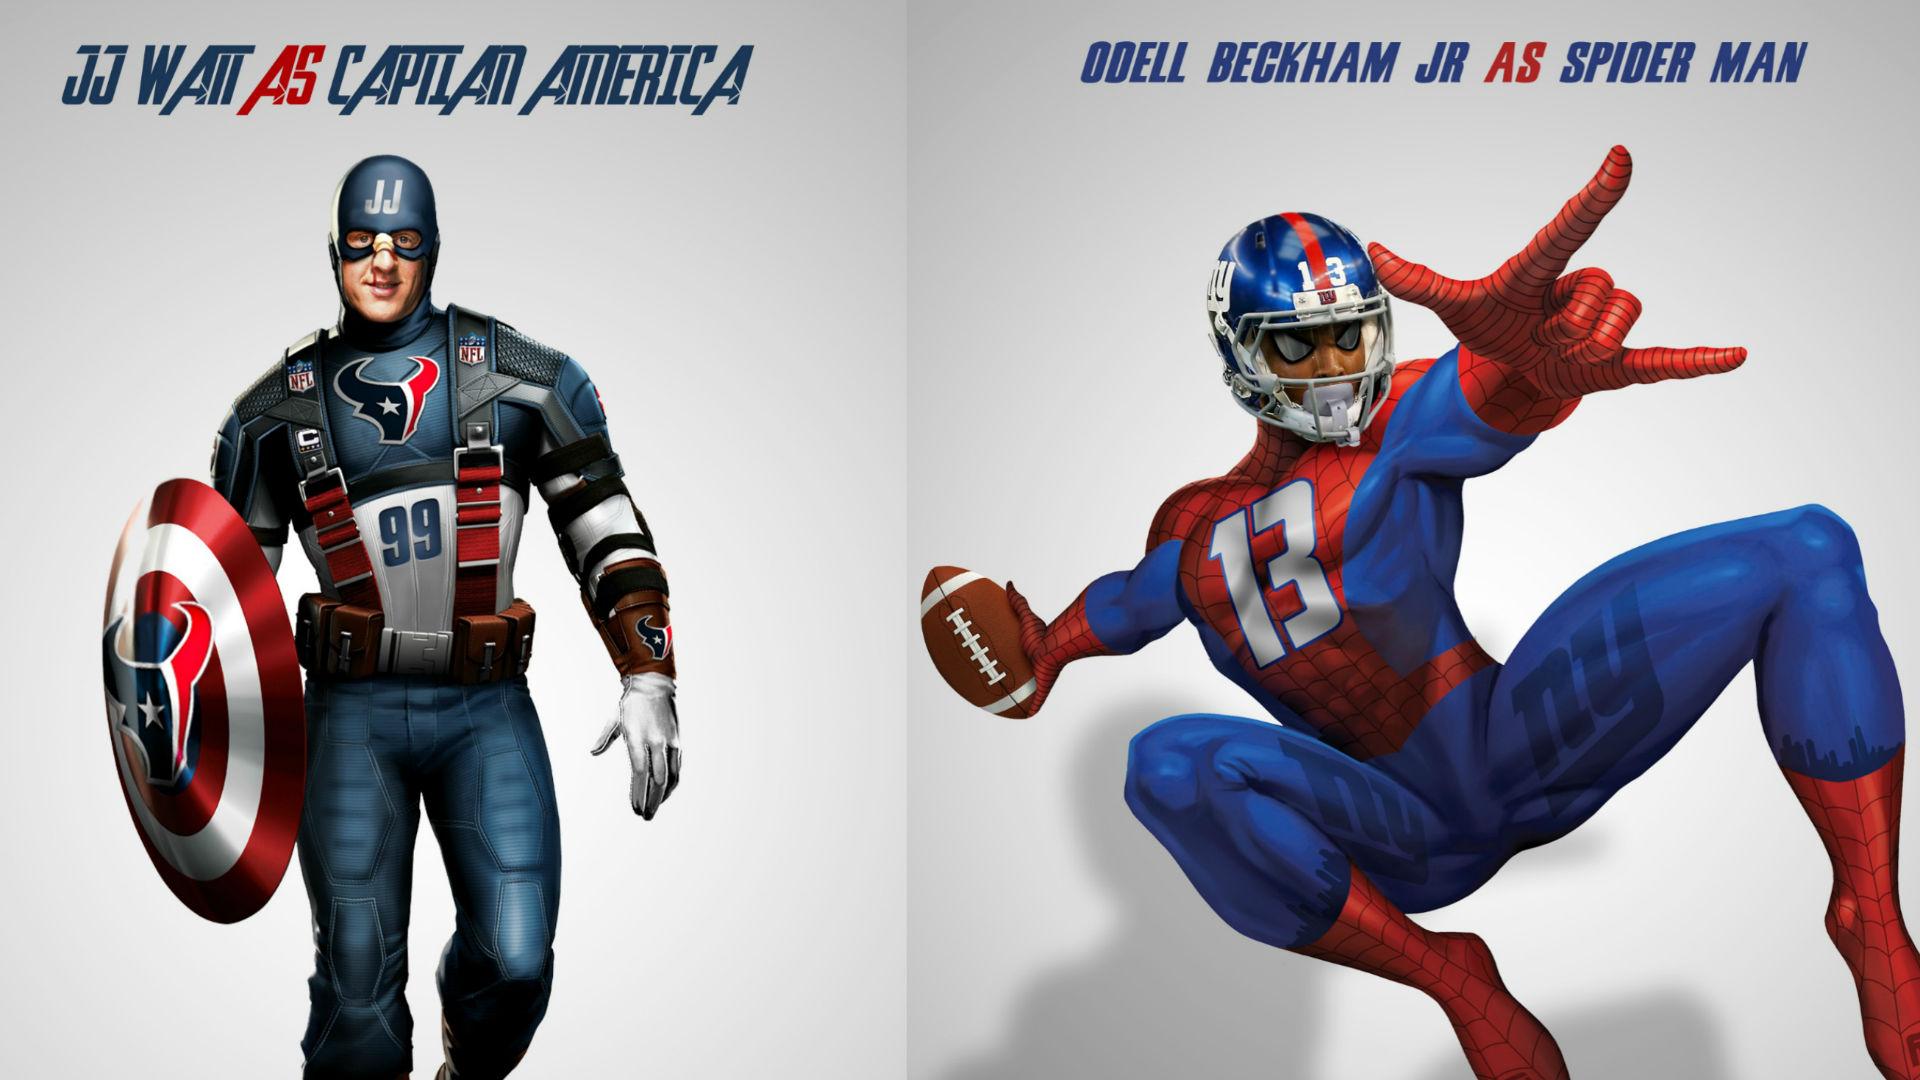 NFL Stars Depicted As Superheroes